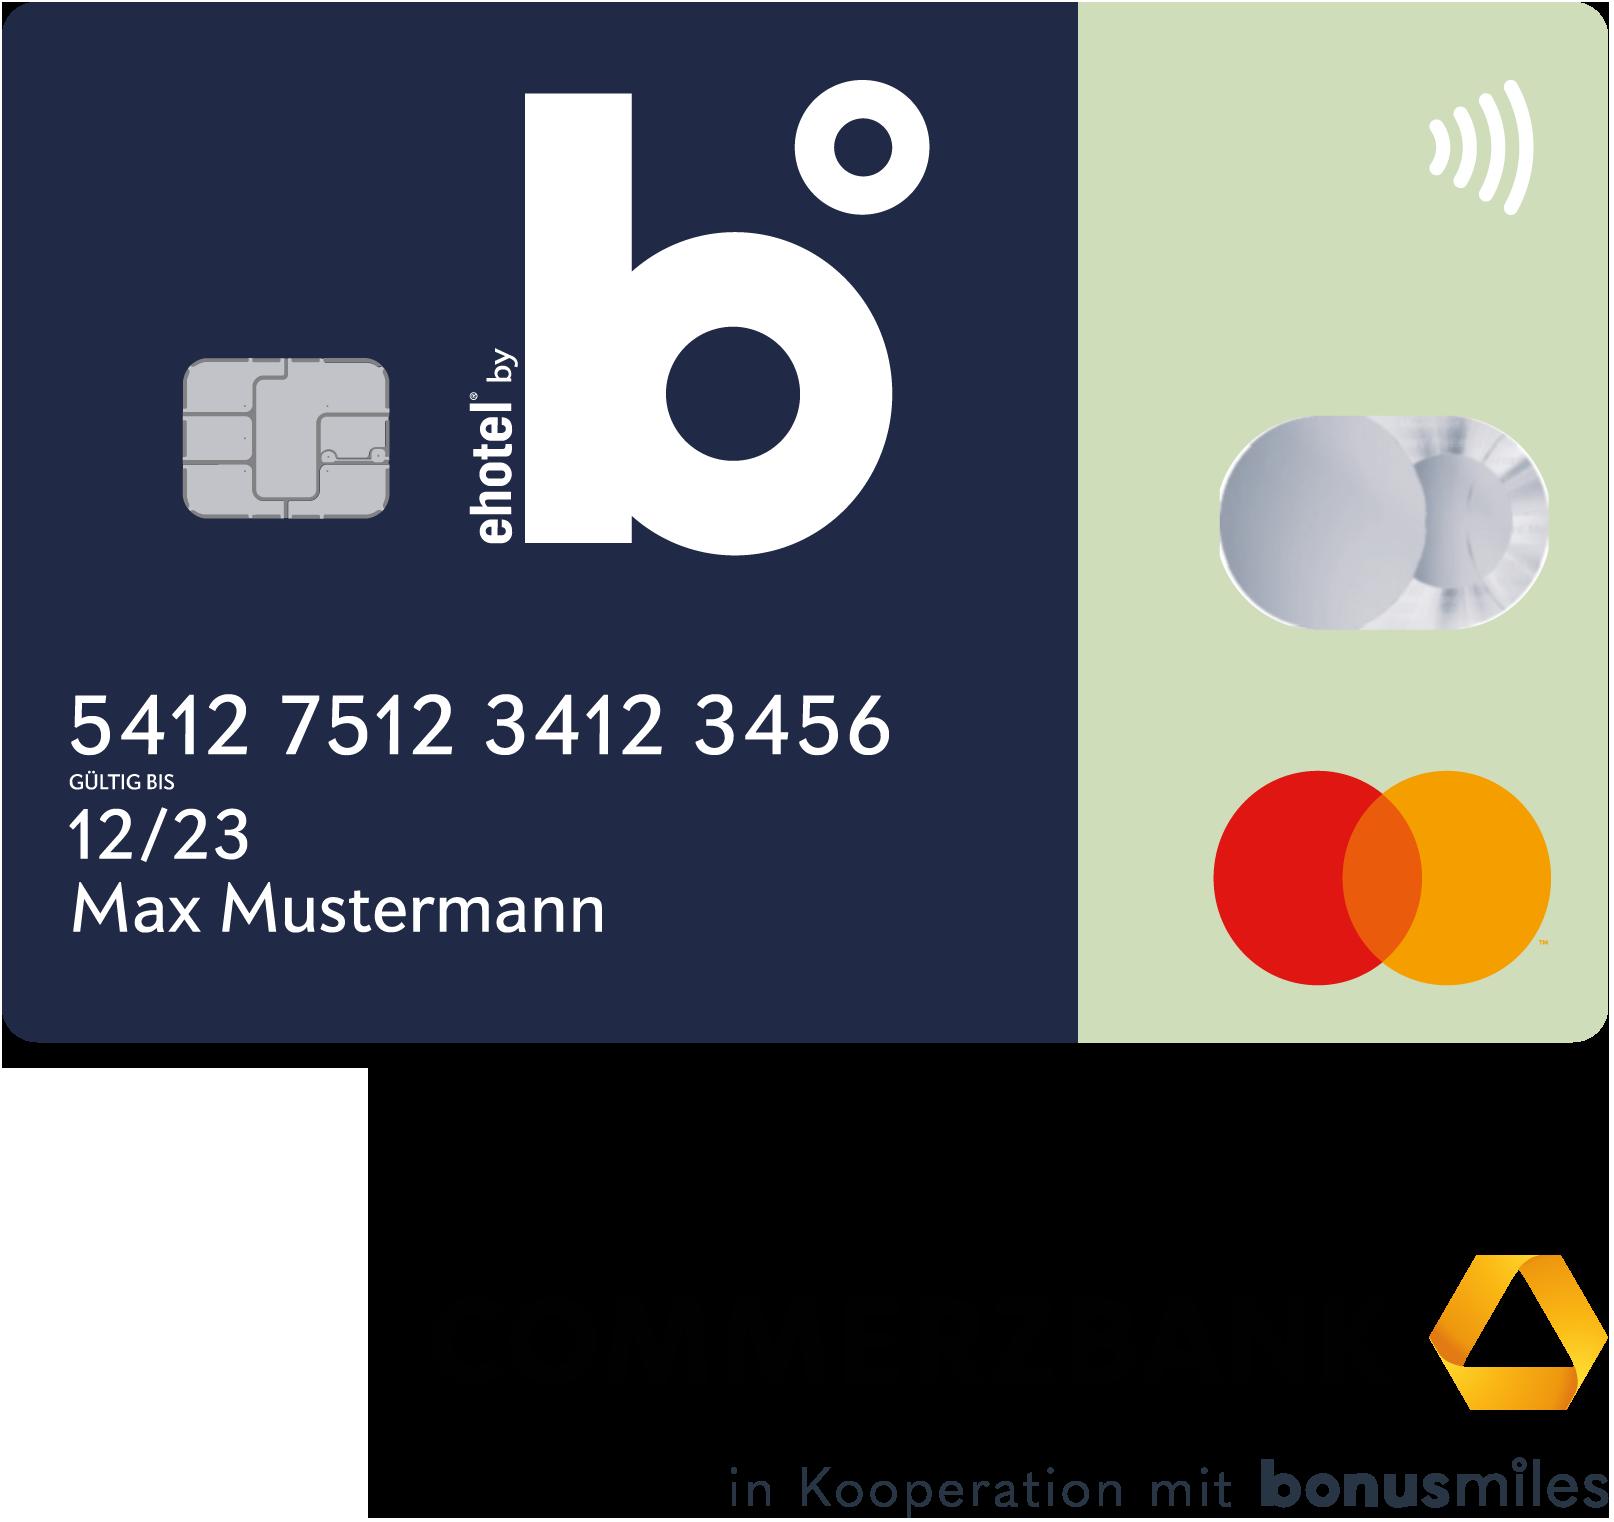 bonusmiles b° Kreditkarte Punkte sammeln - Meilen ohne Ende - Commerzbank Partner